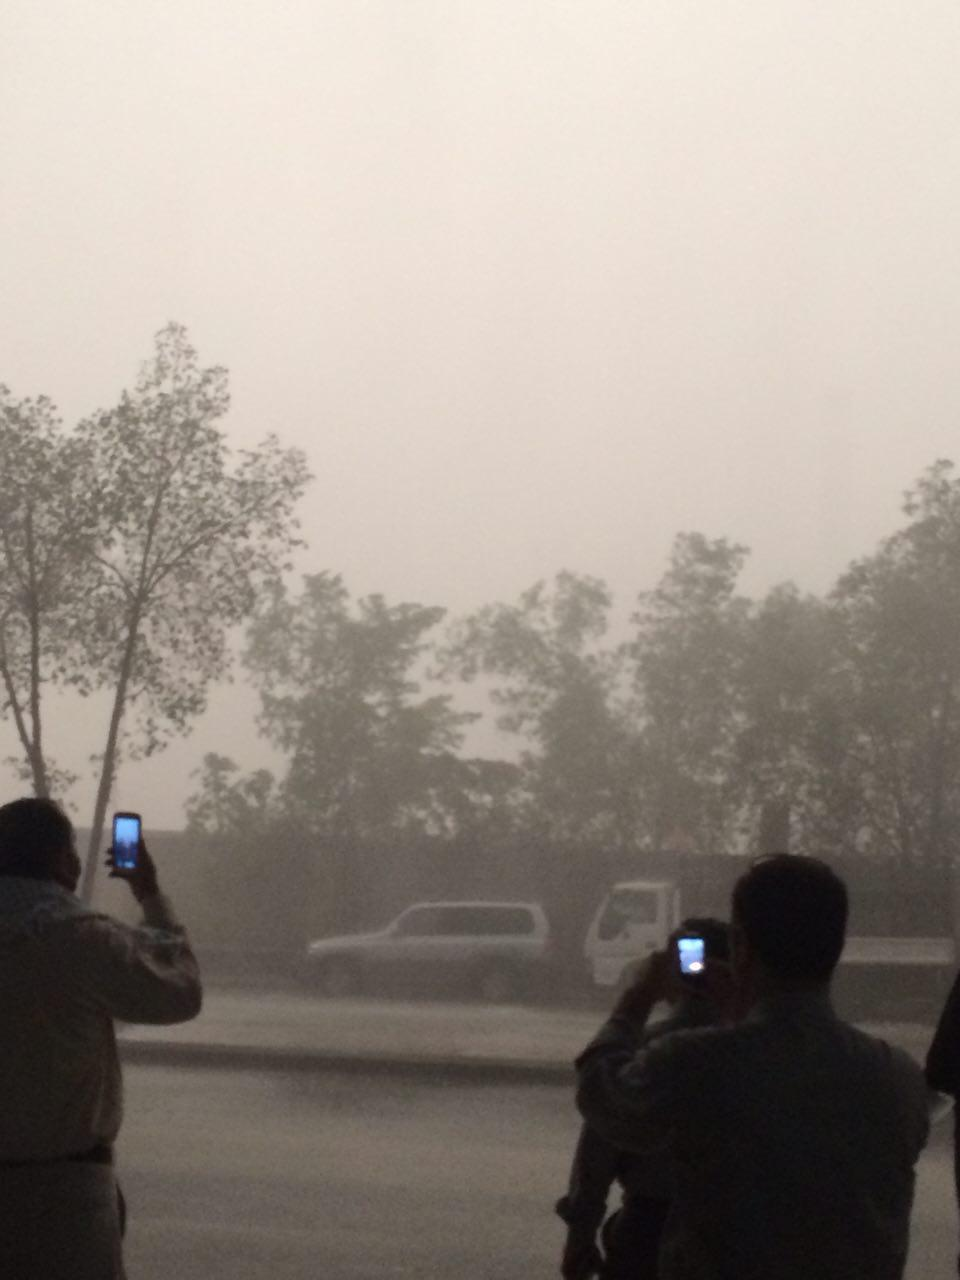 65 کشته و 154 زخمی در سقوط جرثقیل در مکه (+عکس)   /  12 ایرانی در میان زخمی ها